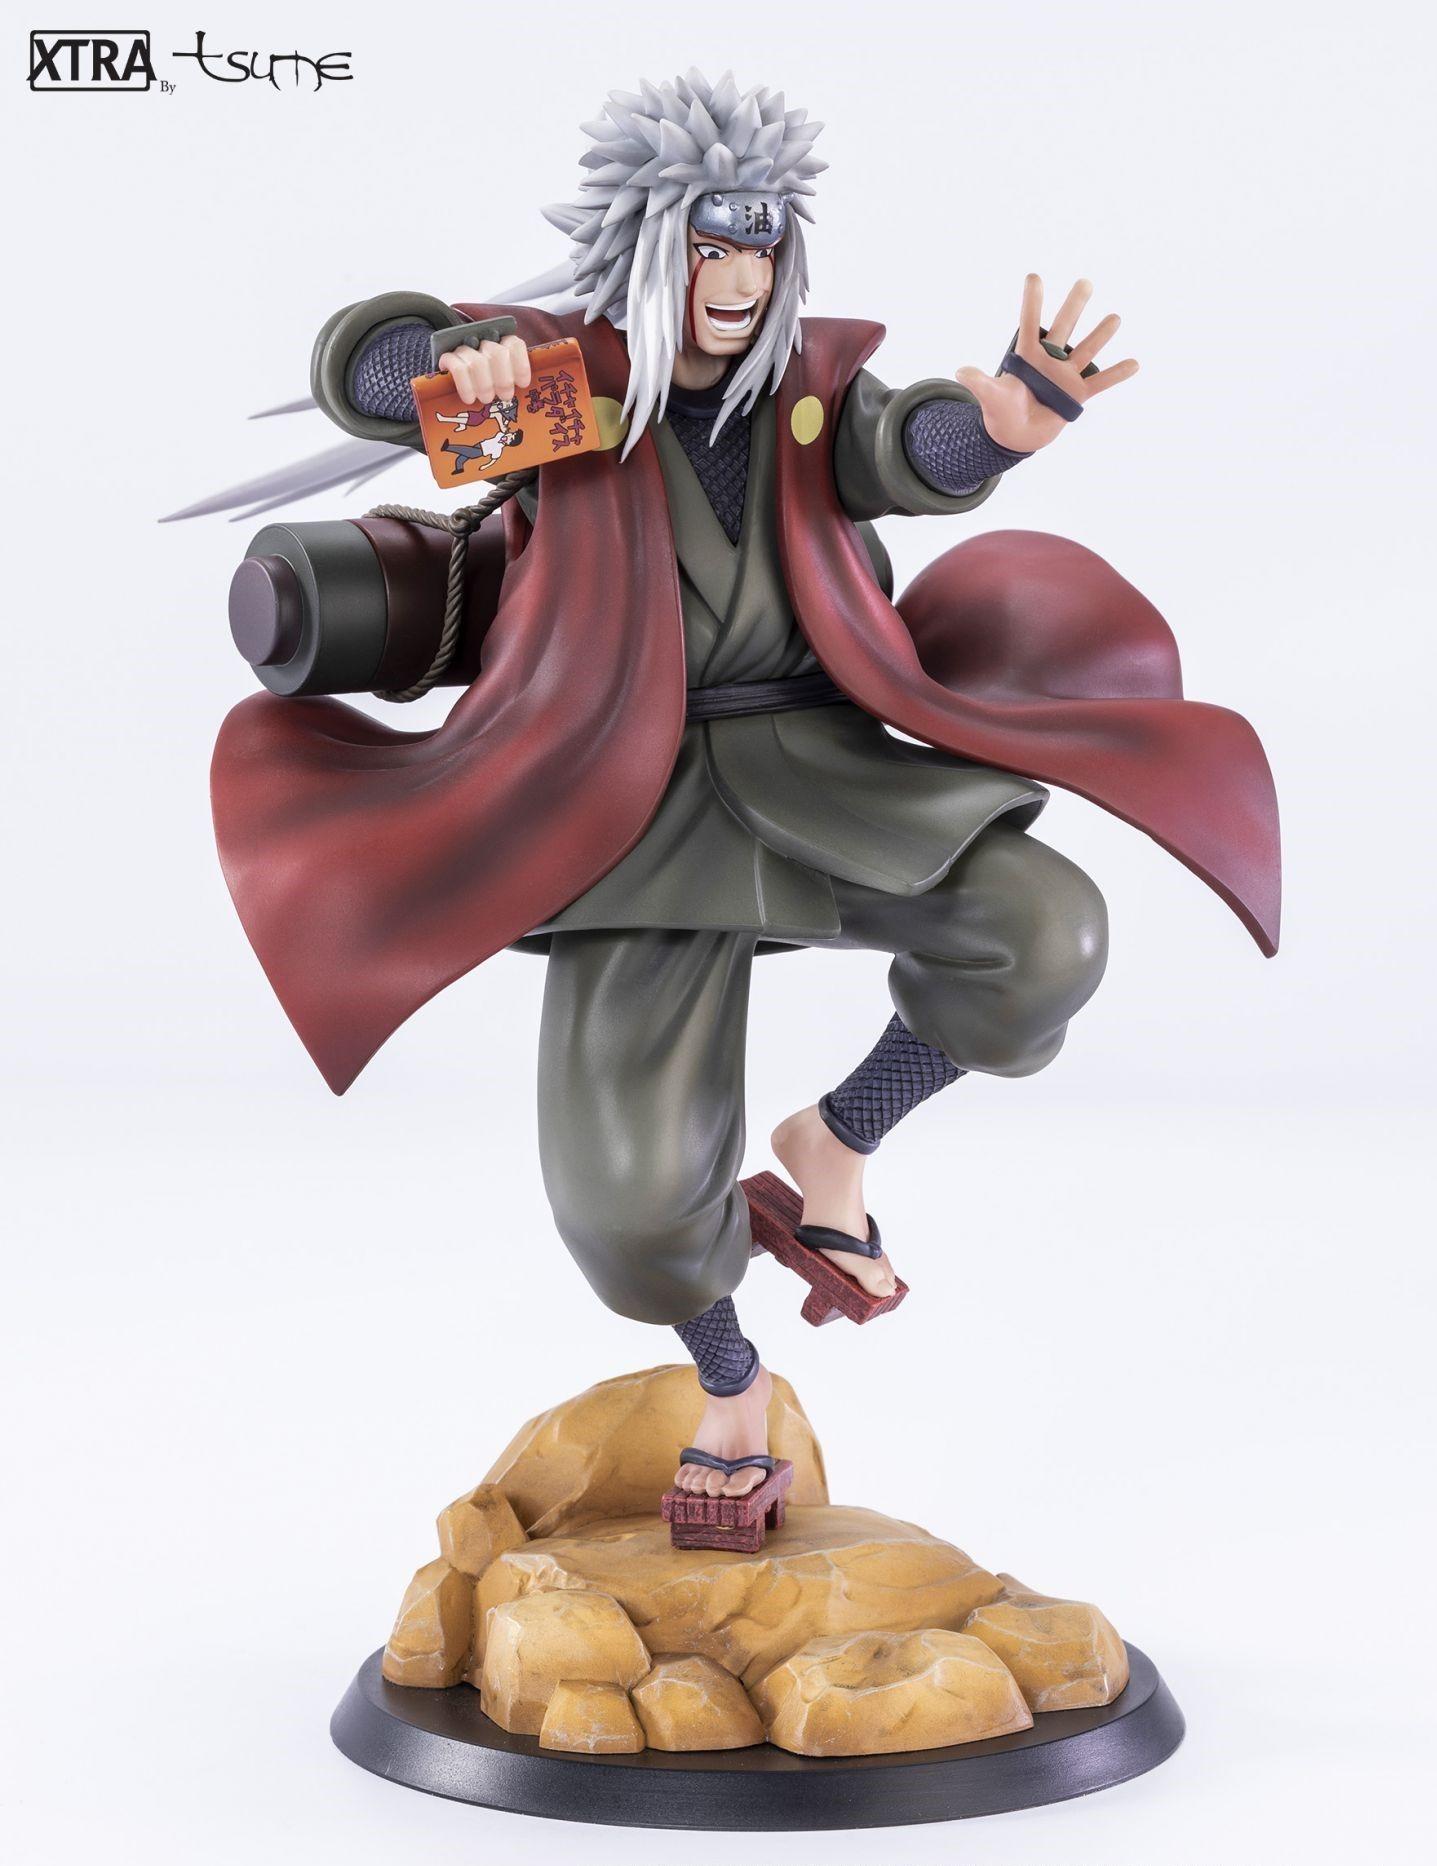 Jiraiya xtra by tsume naruto anime figures action figures